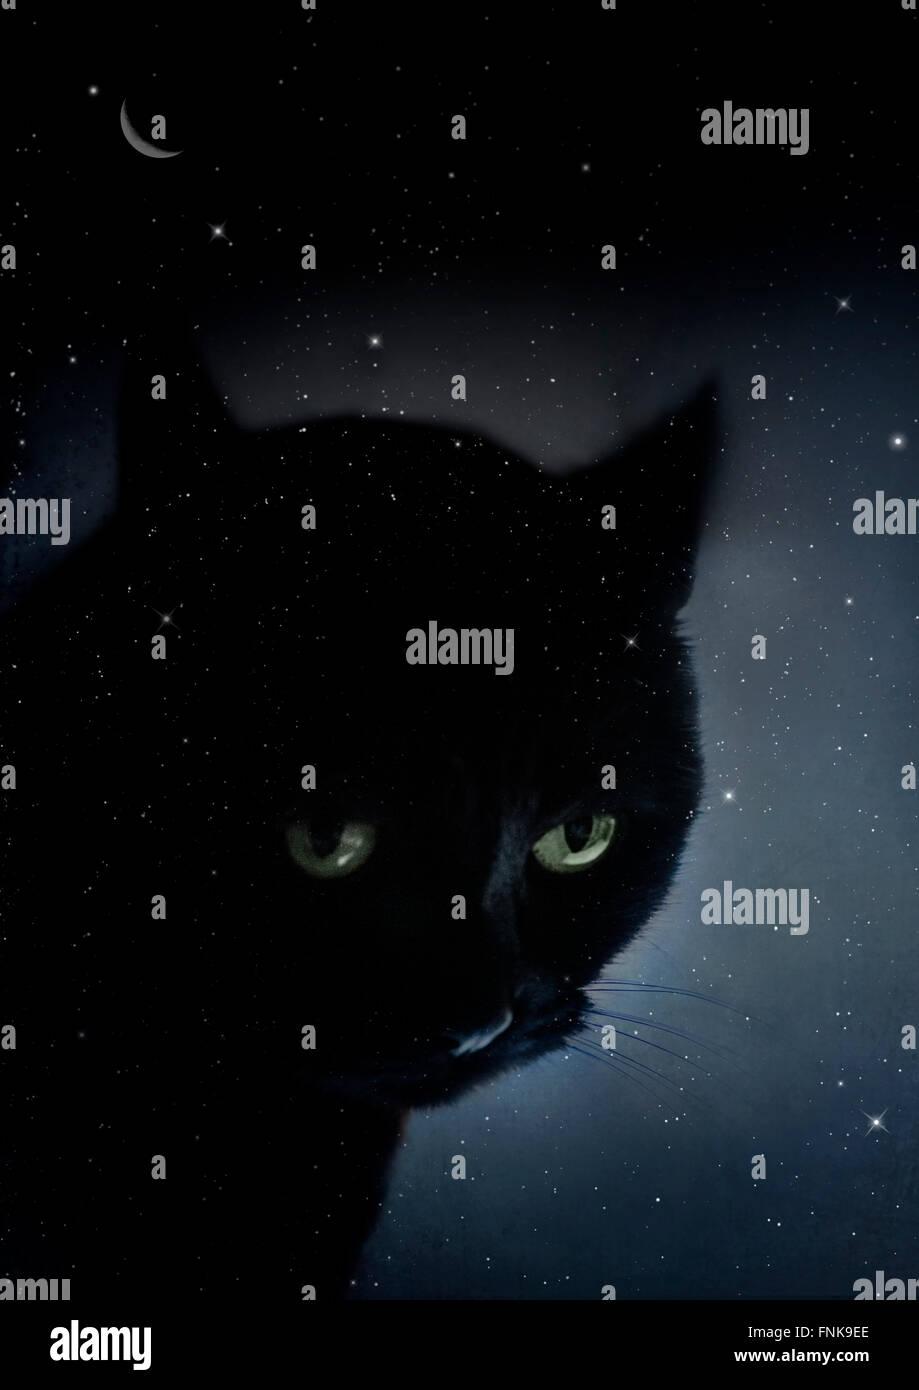 Gato negro en la noche estrellada Imagen De Stock